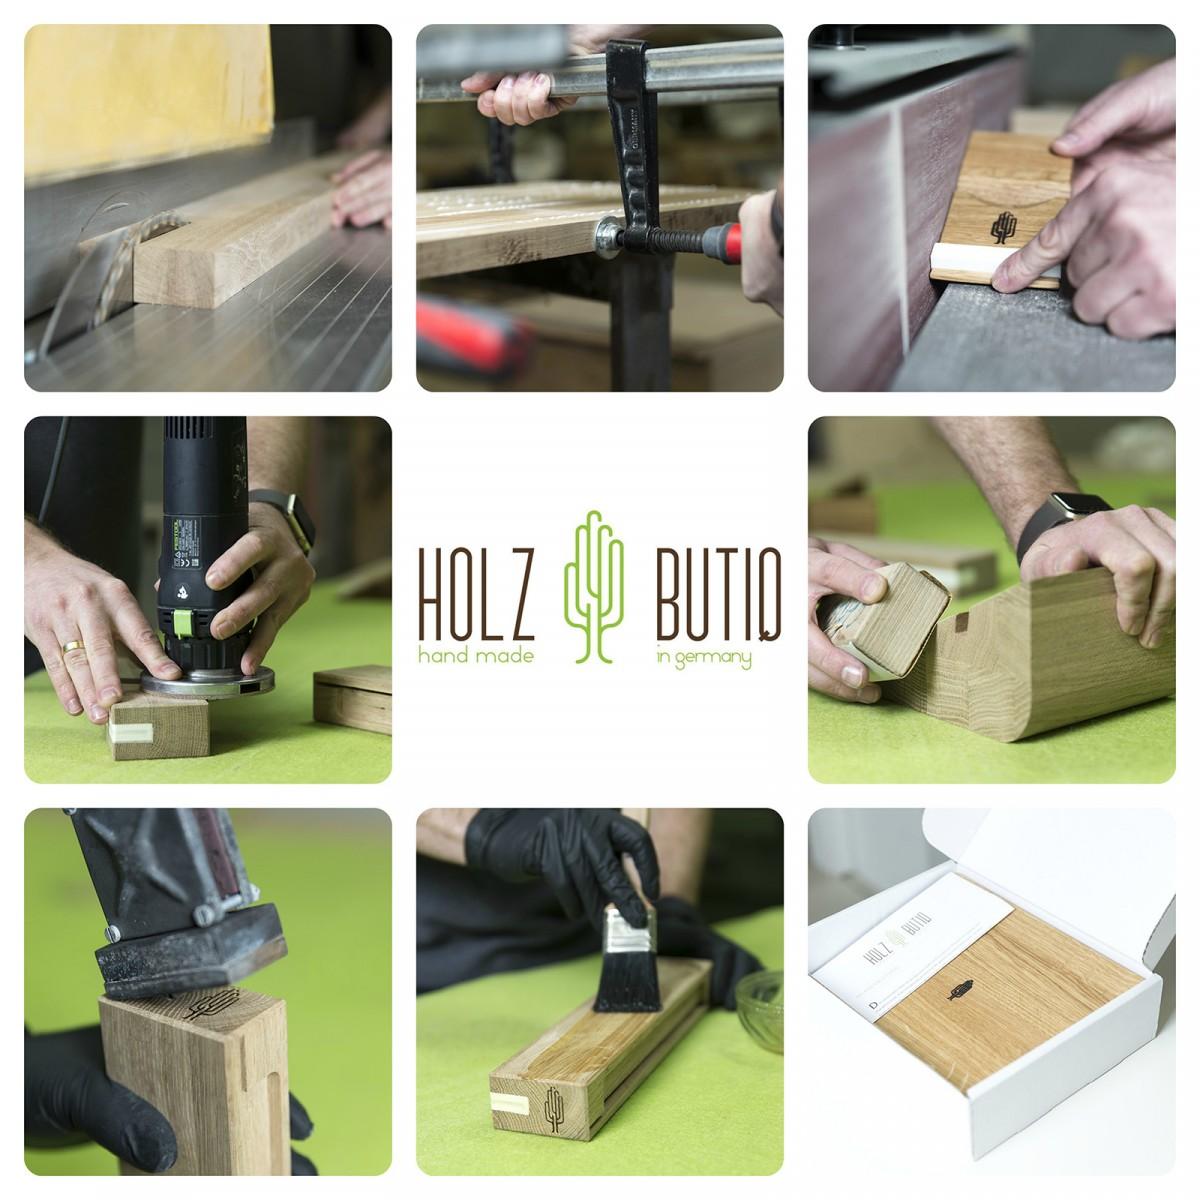 Bildhalter kadro, Bilderhalter zum Aufstellen | Bildhalterung aus Holz | Holzbutiq